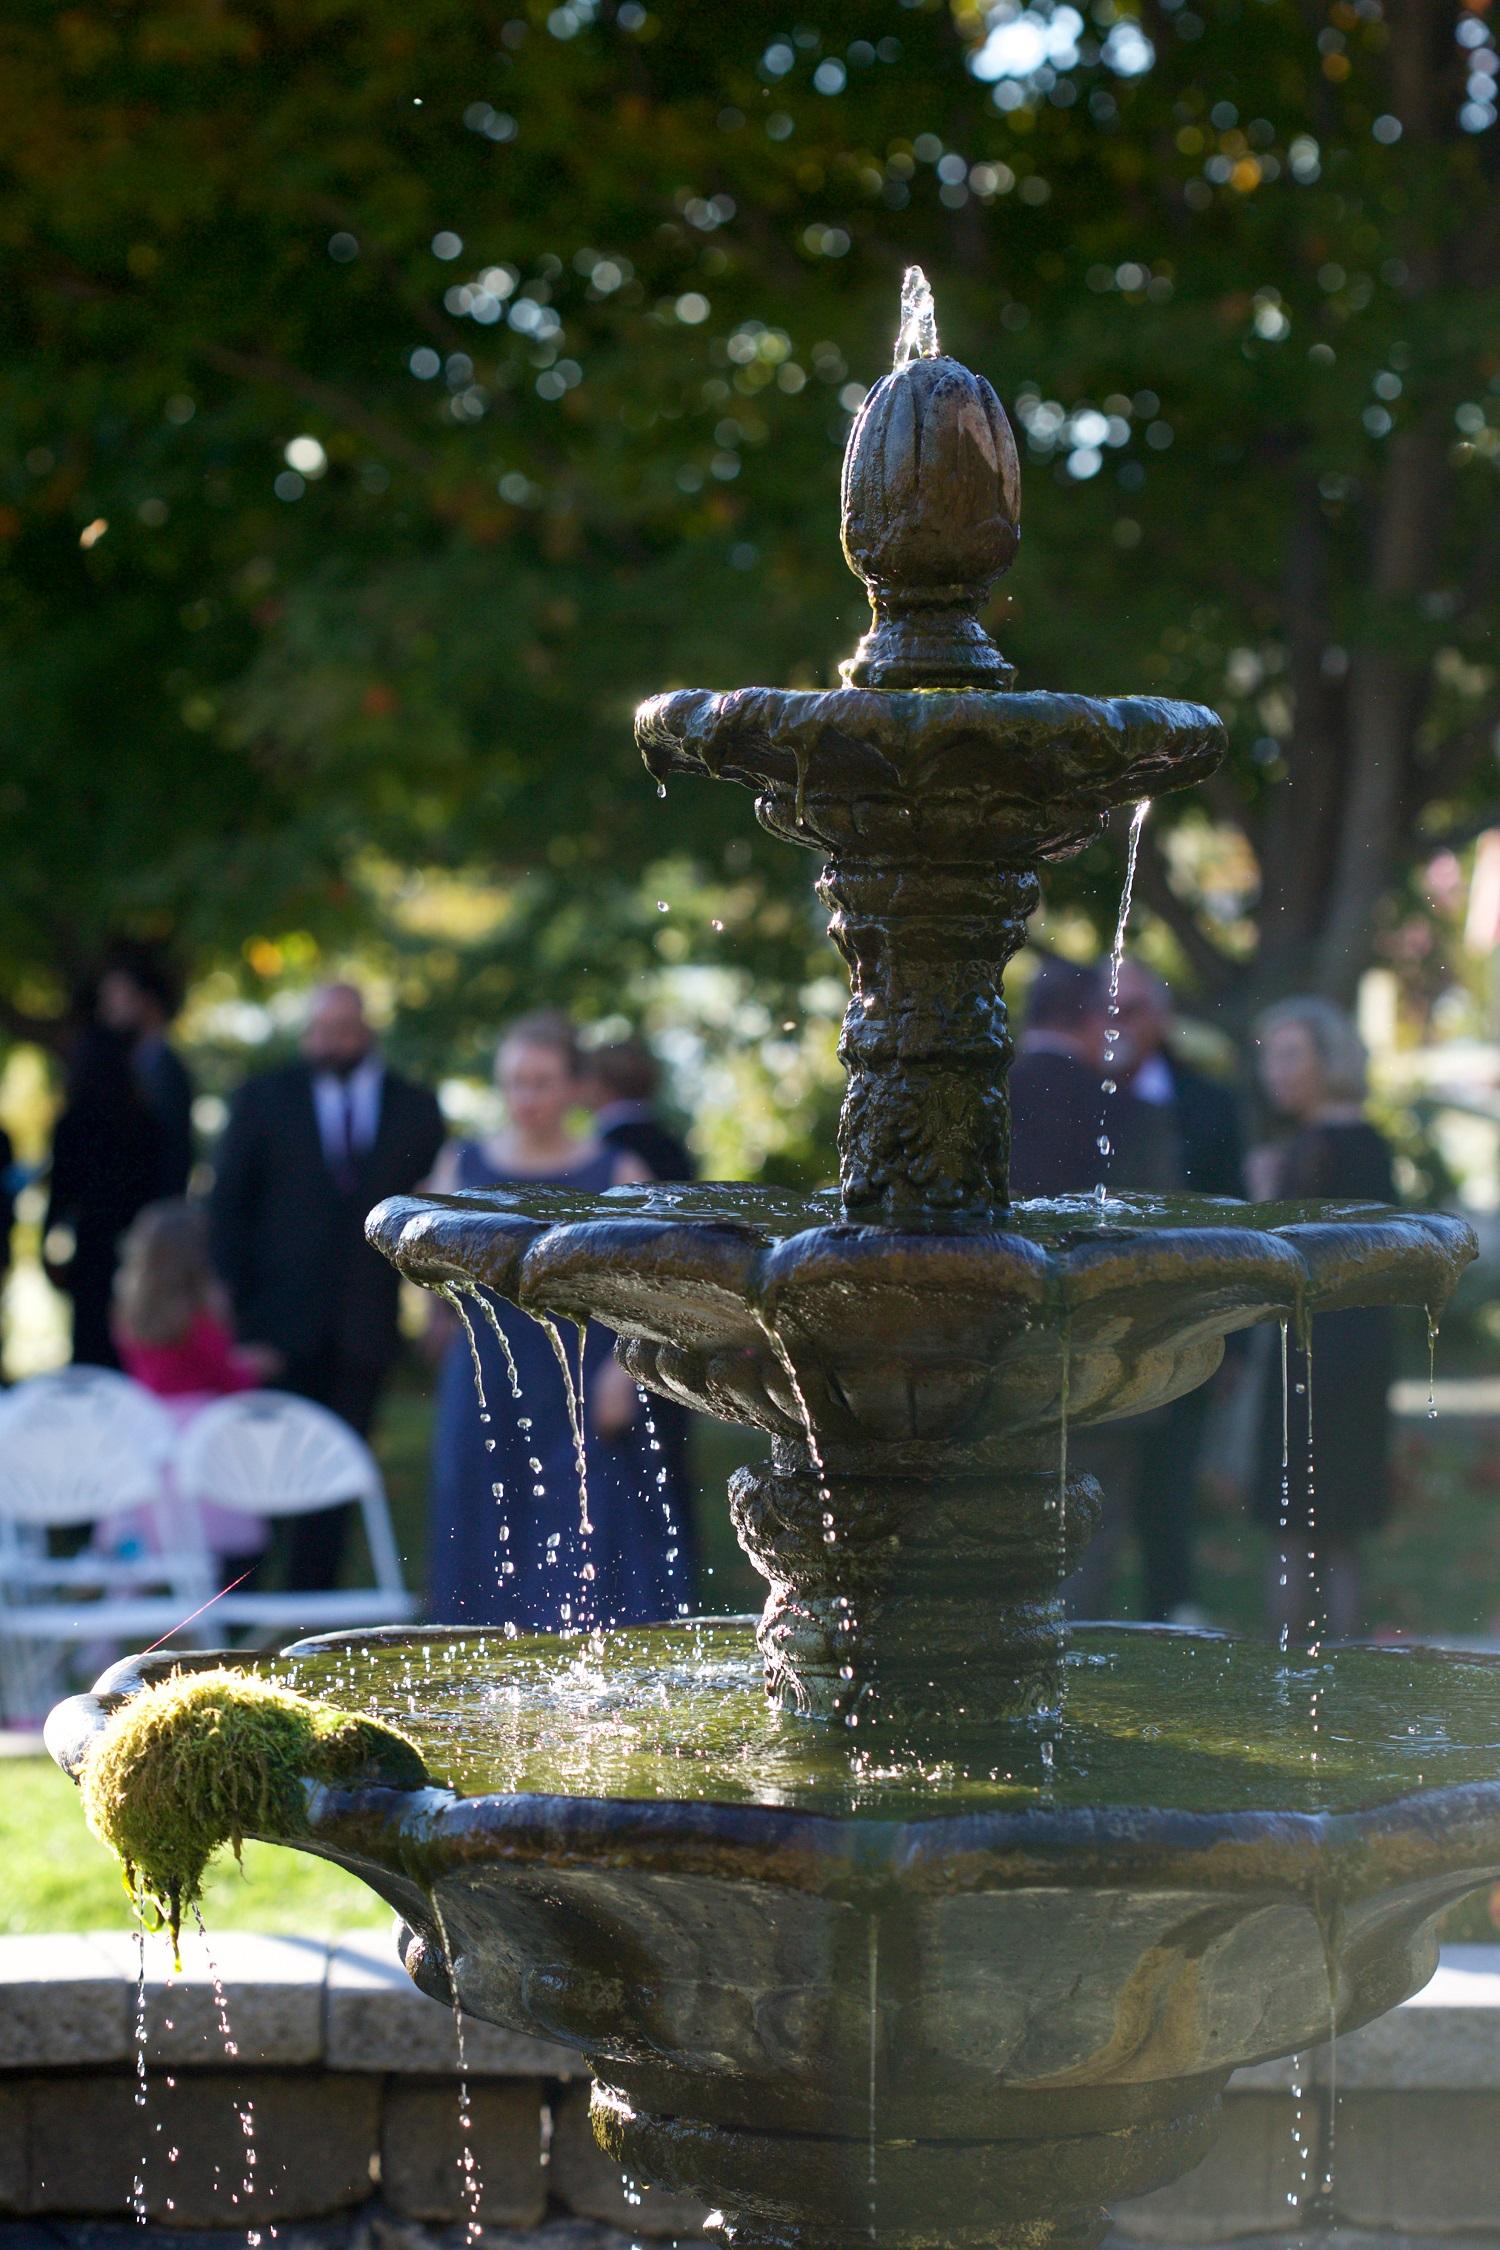 aphroditeweddingphotos.com 106.jpg